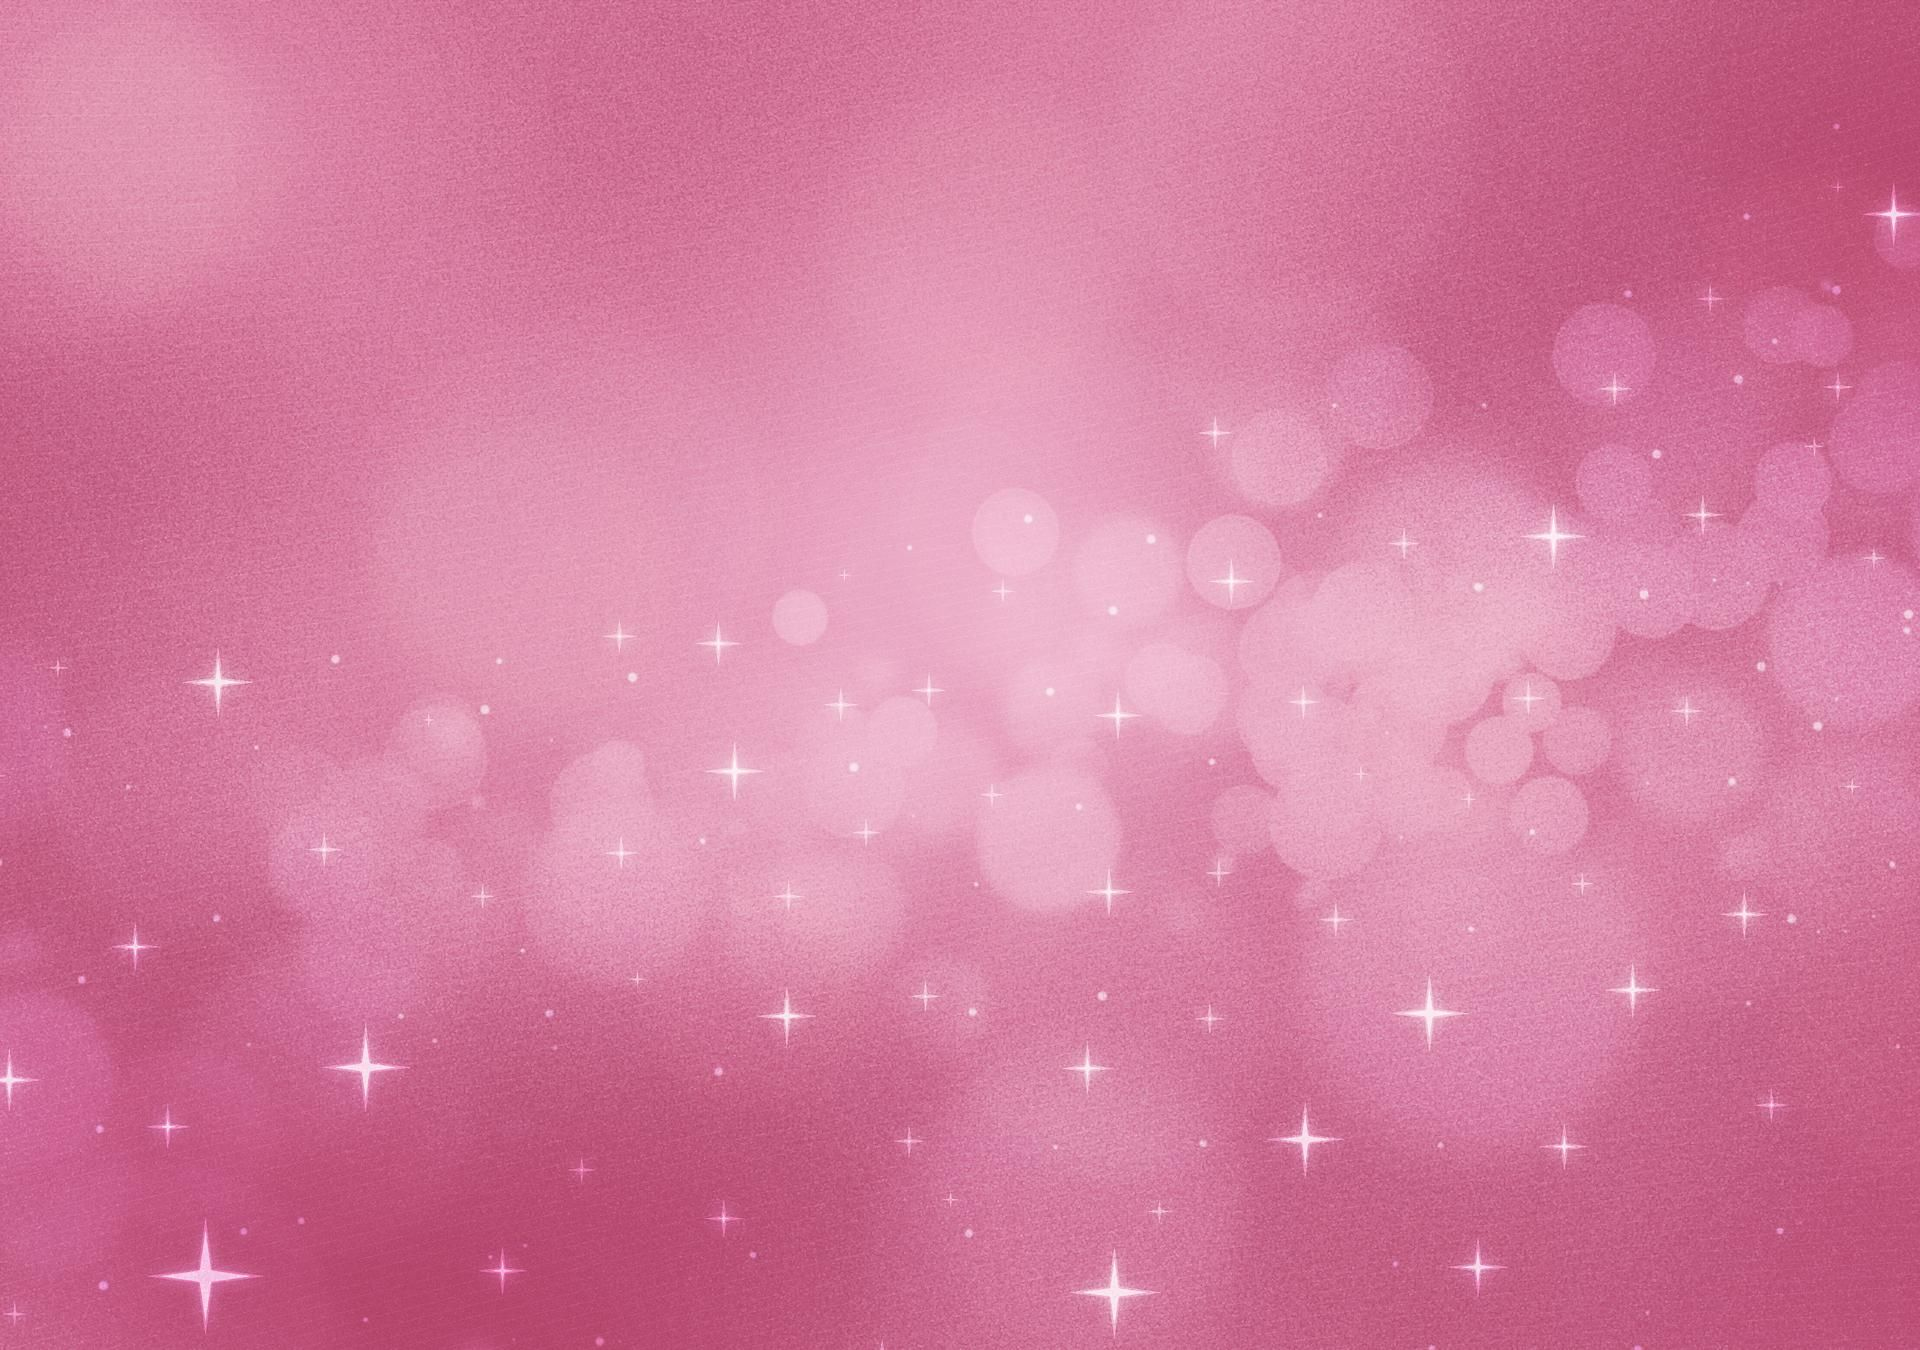 Fondos rosados con flores para protector de pantalla 8 hd for Fondos de pantalla rosa